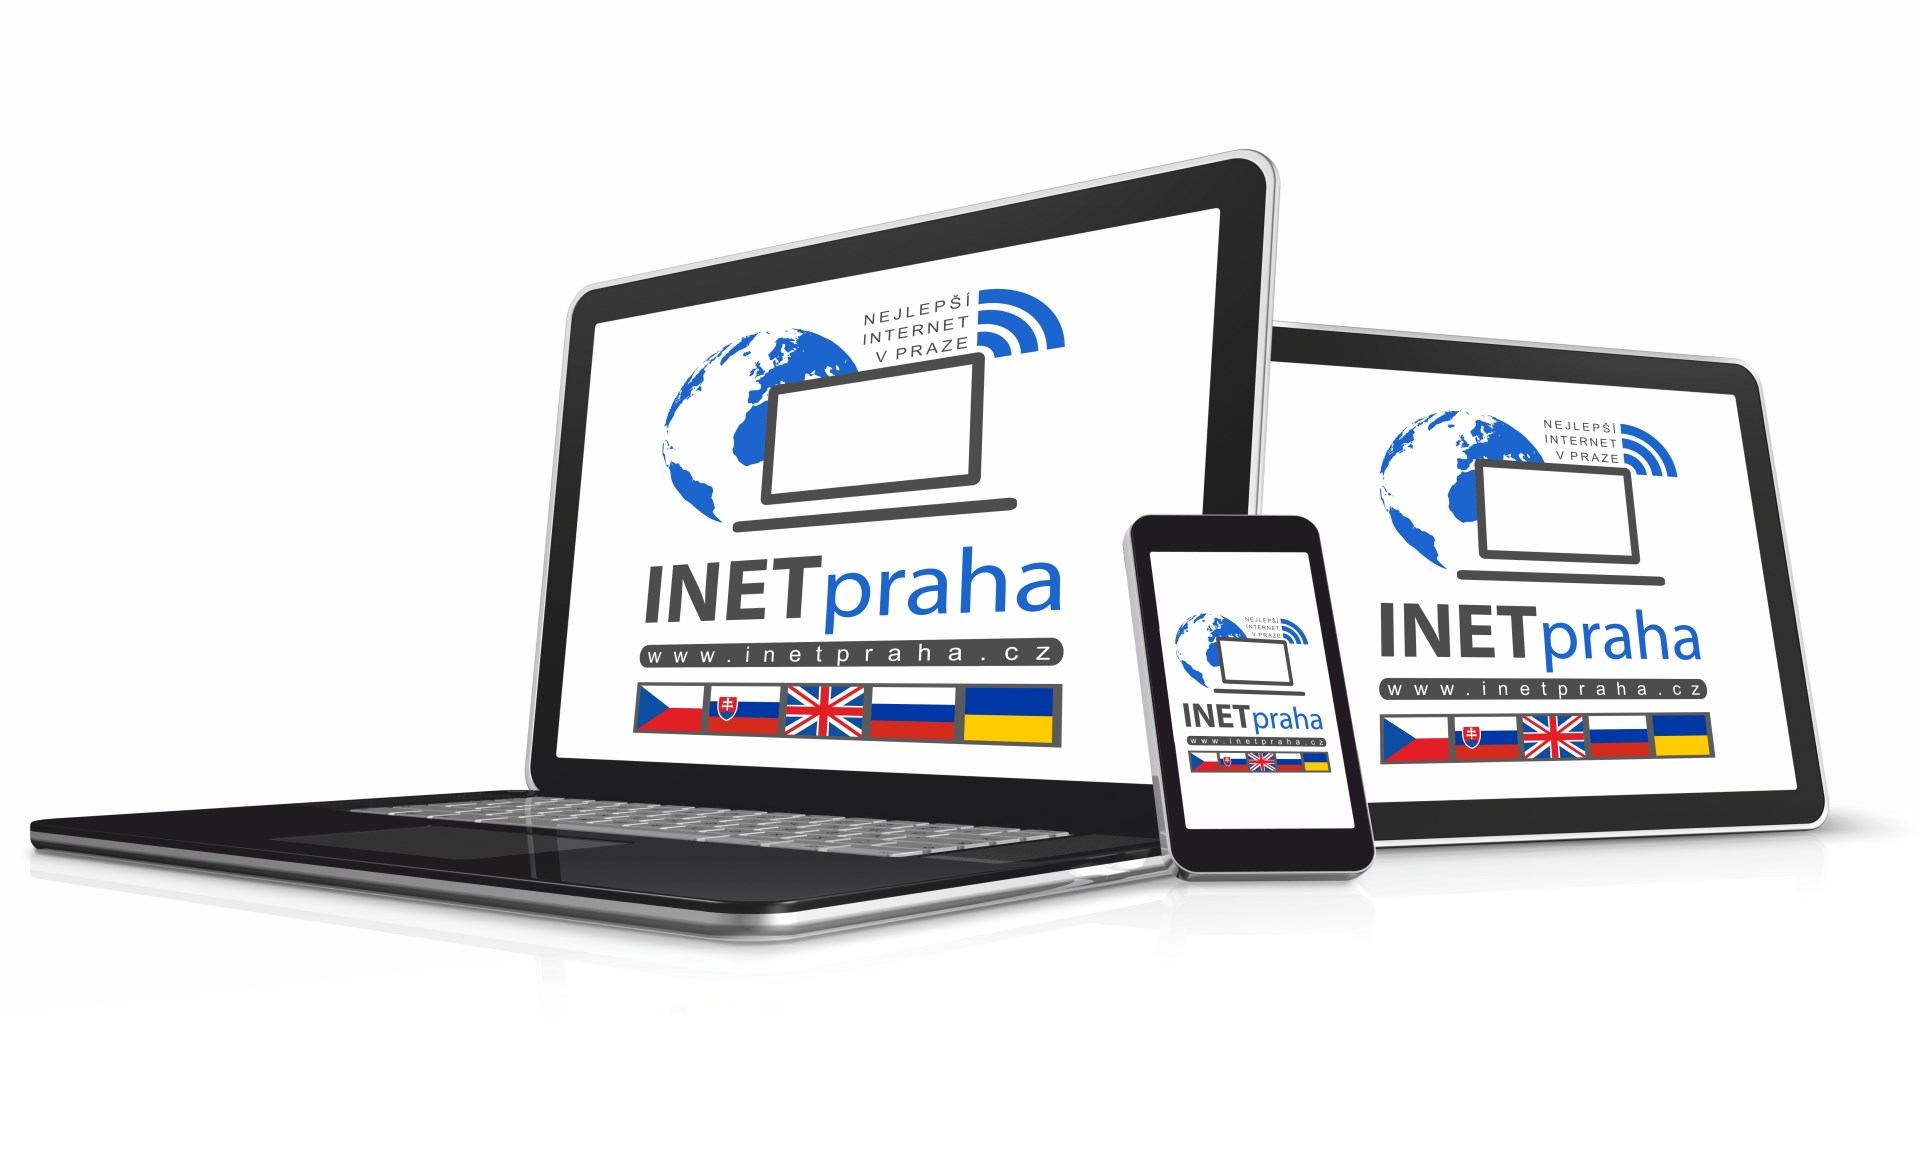 internet INET Praha